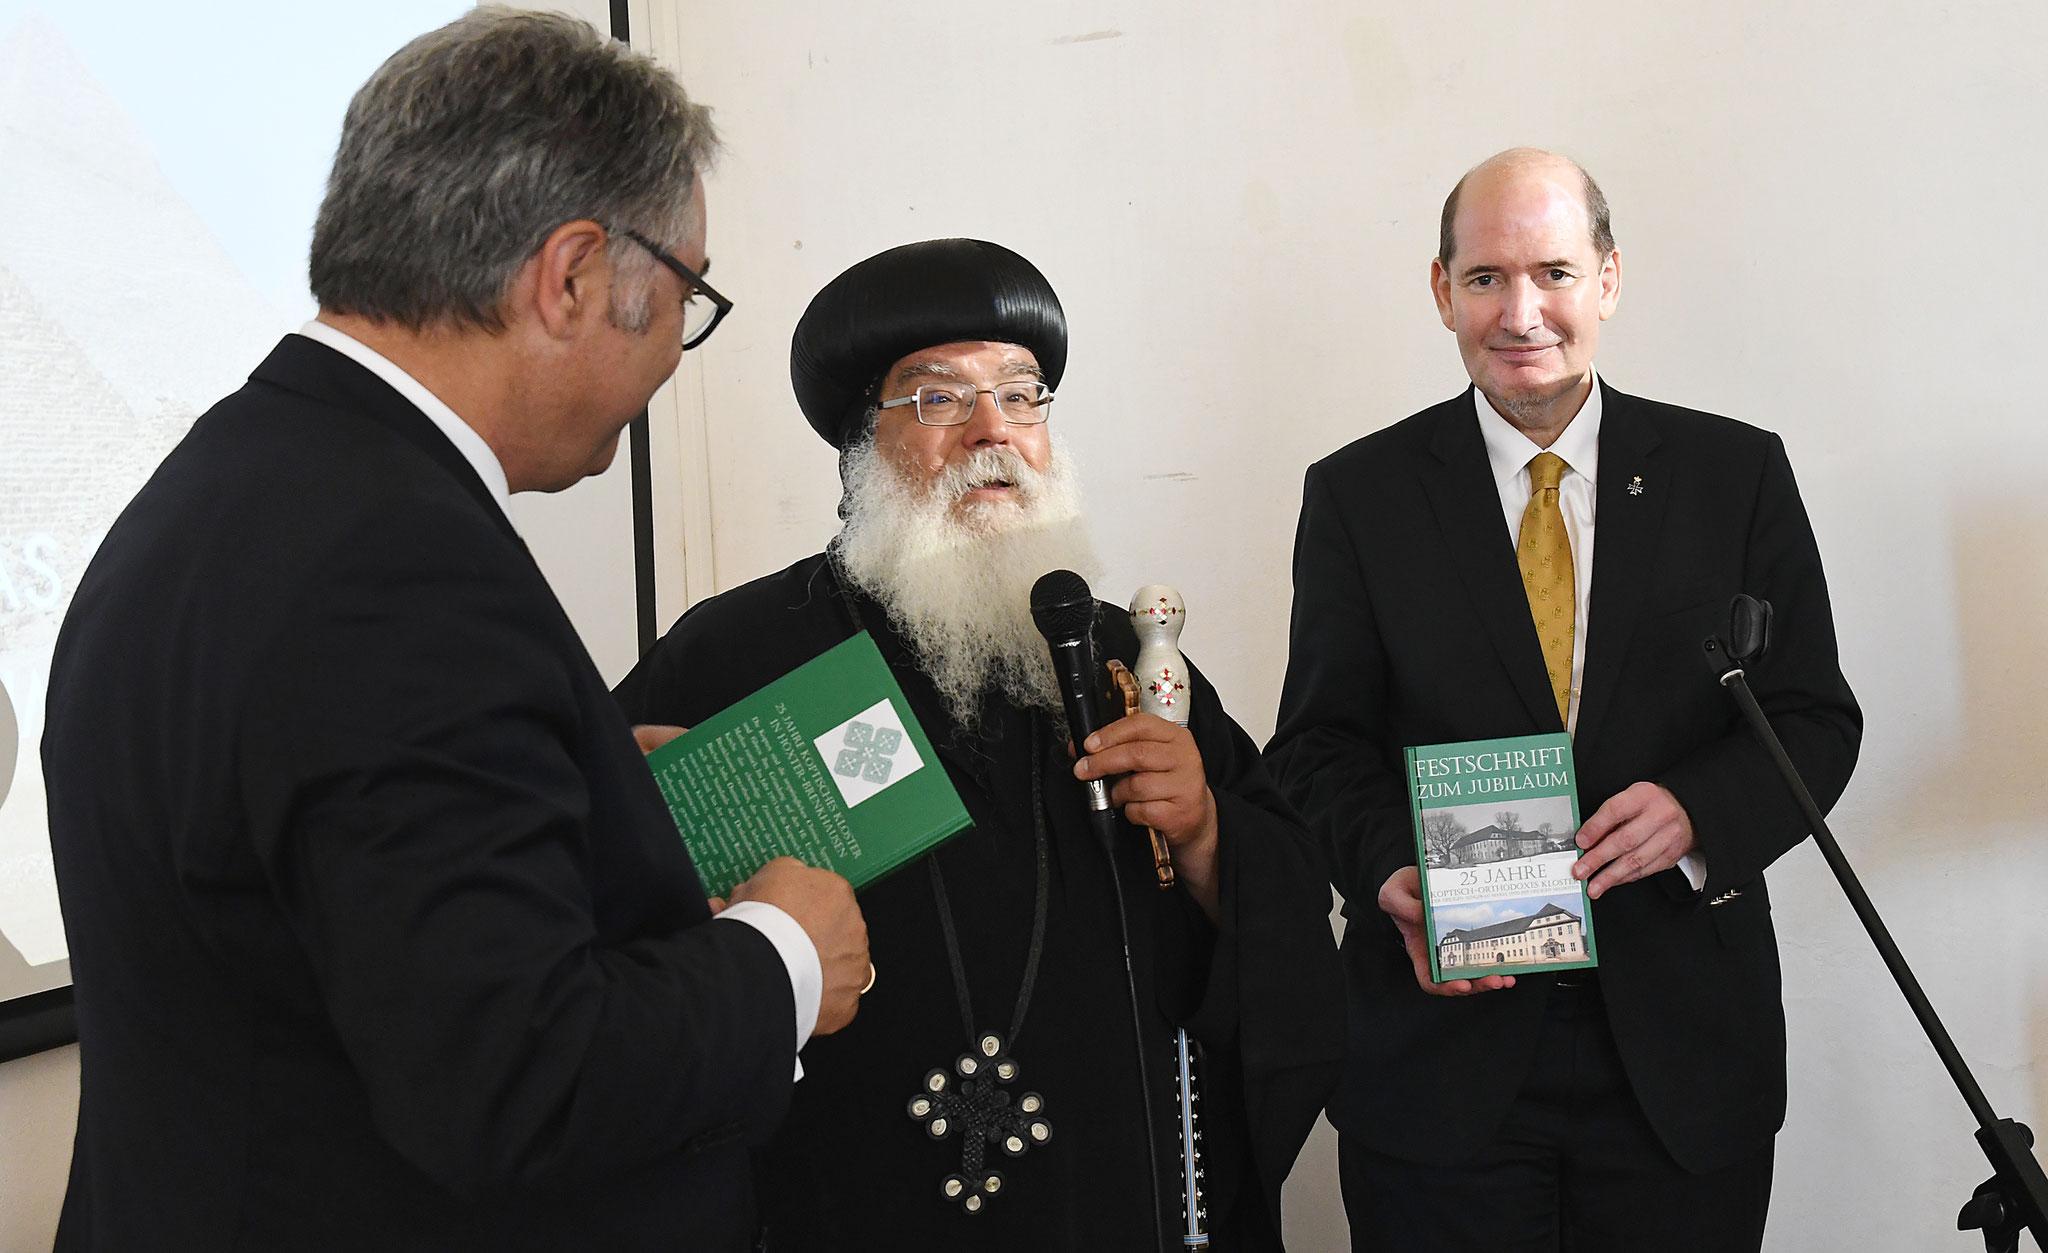 S.E. Bischof Anba Damian bedankt sich bei Martin Lohmann und Dr. h.c. Michael Hesemann mit einer Festschrift zum Jübiläum. Foto: Maria Hopp